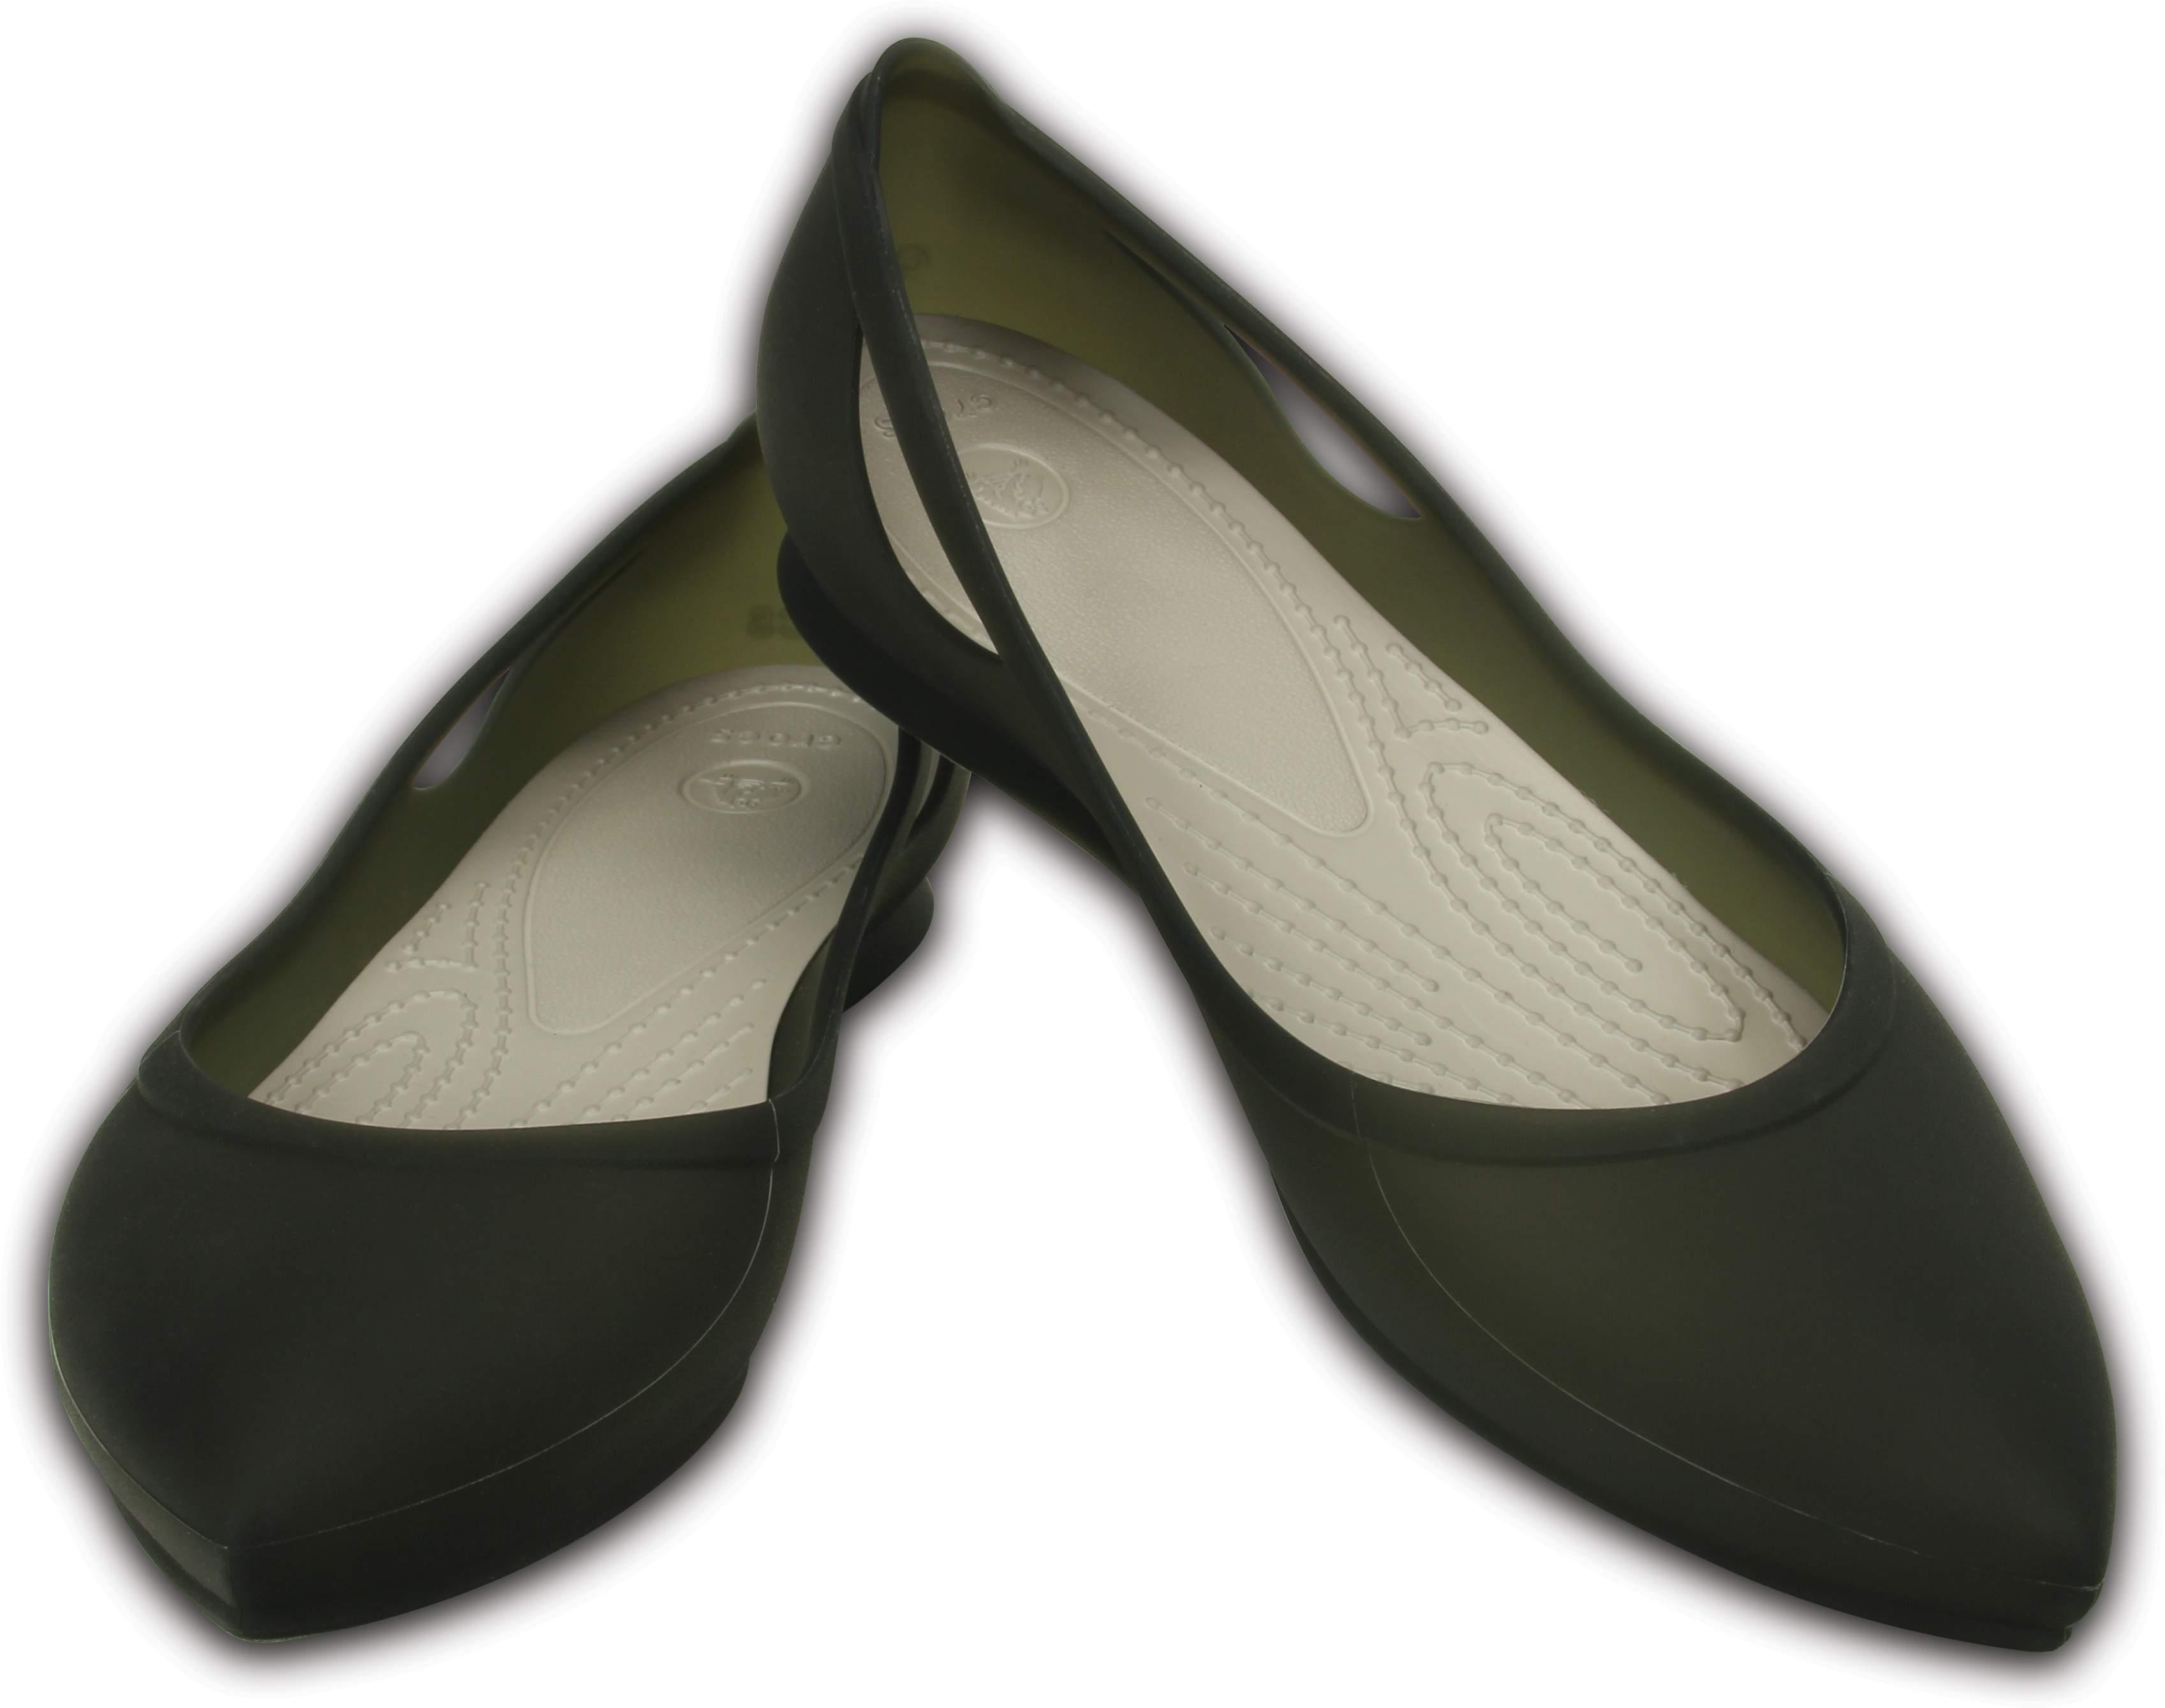 【クロックス公式】 クロックス リオ フラット ウィメン Women's Crocs Rio Flat ウィメンズ、レディース、女性用 ブラック/黒 21cm,22cm,23cm,24cm,25cm flat フラットシューズ バレエシューズ ぺたんこシューズ 50%OFF